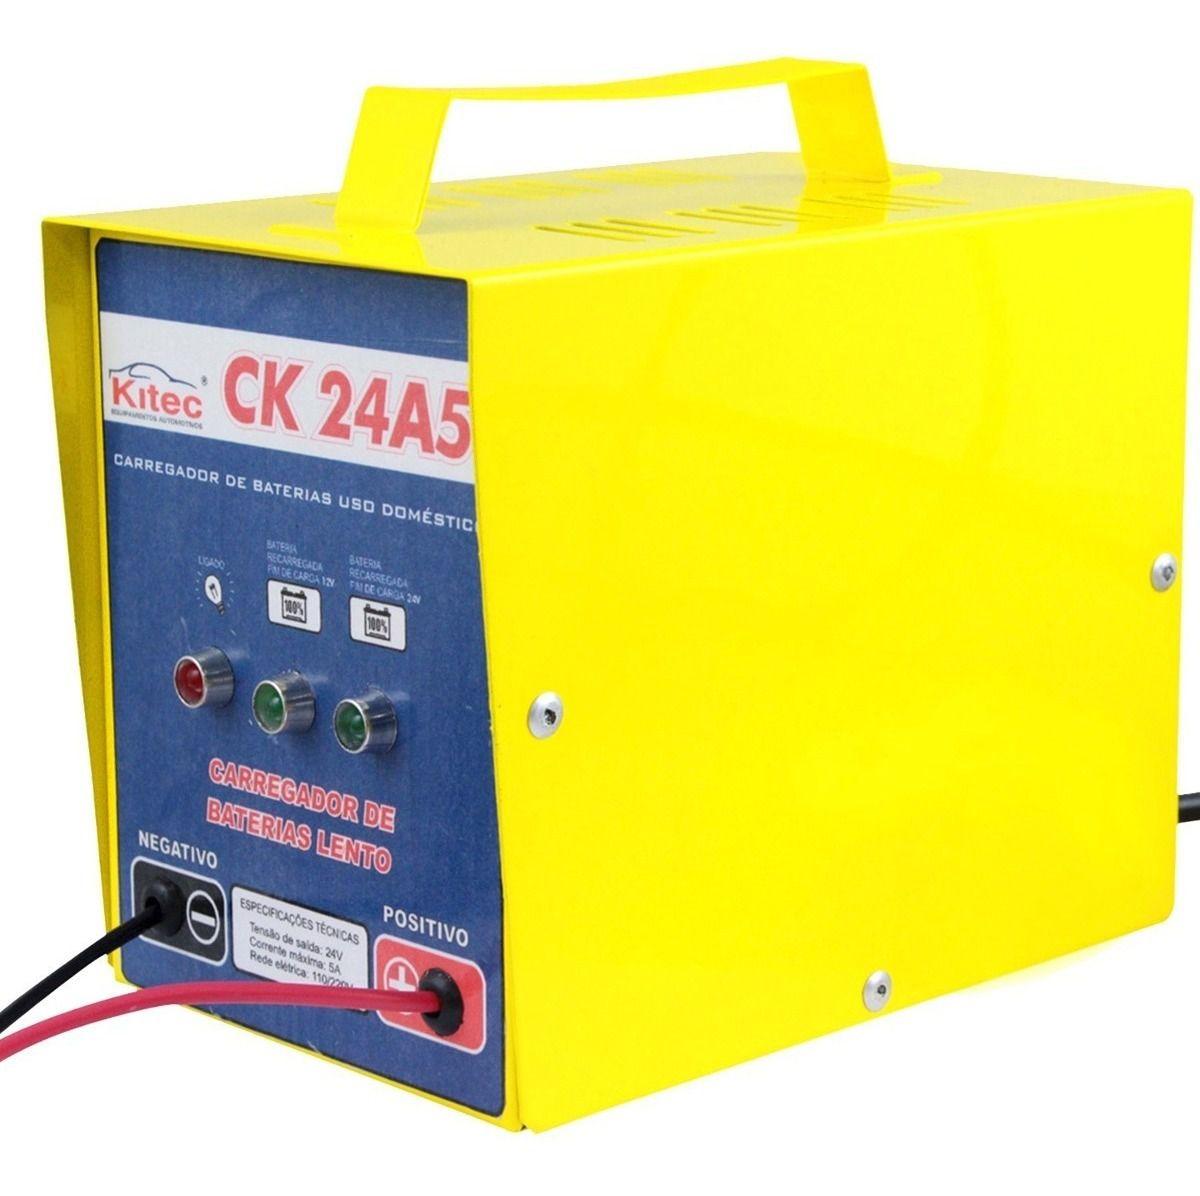 Carregador de bateria CK 24A5C - Kitec